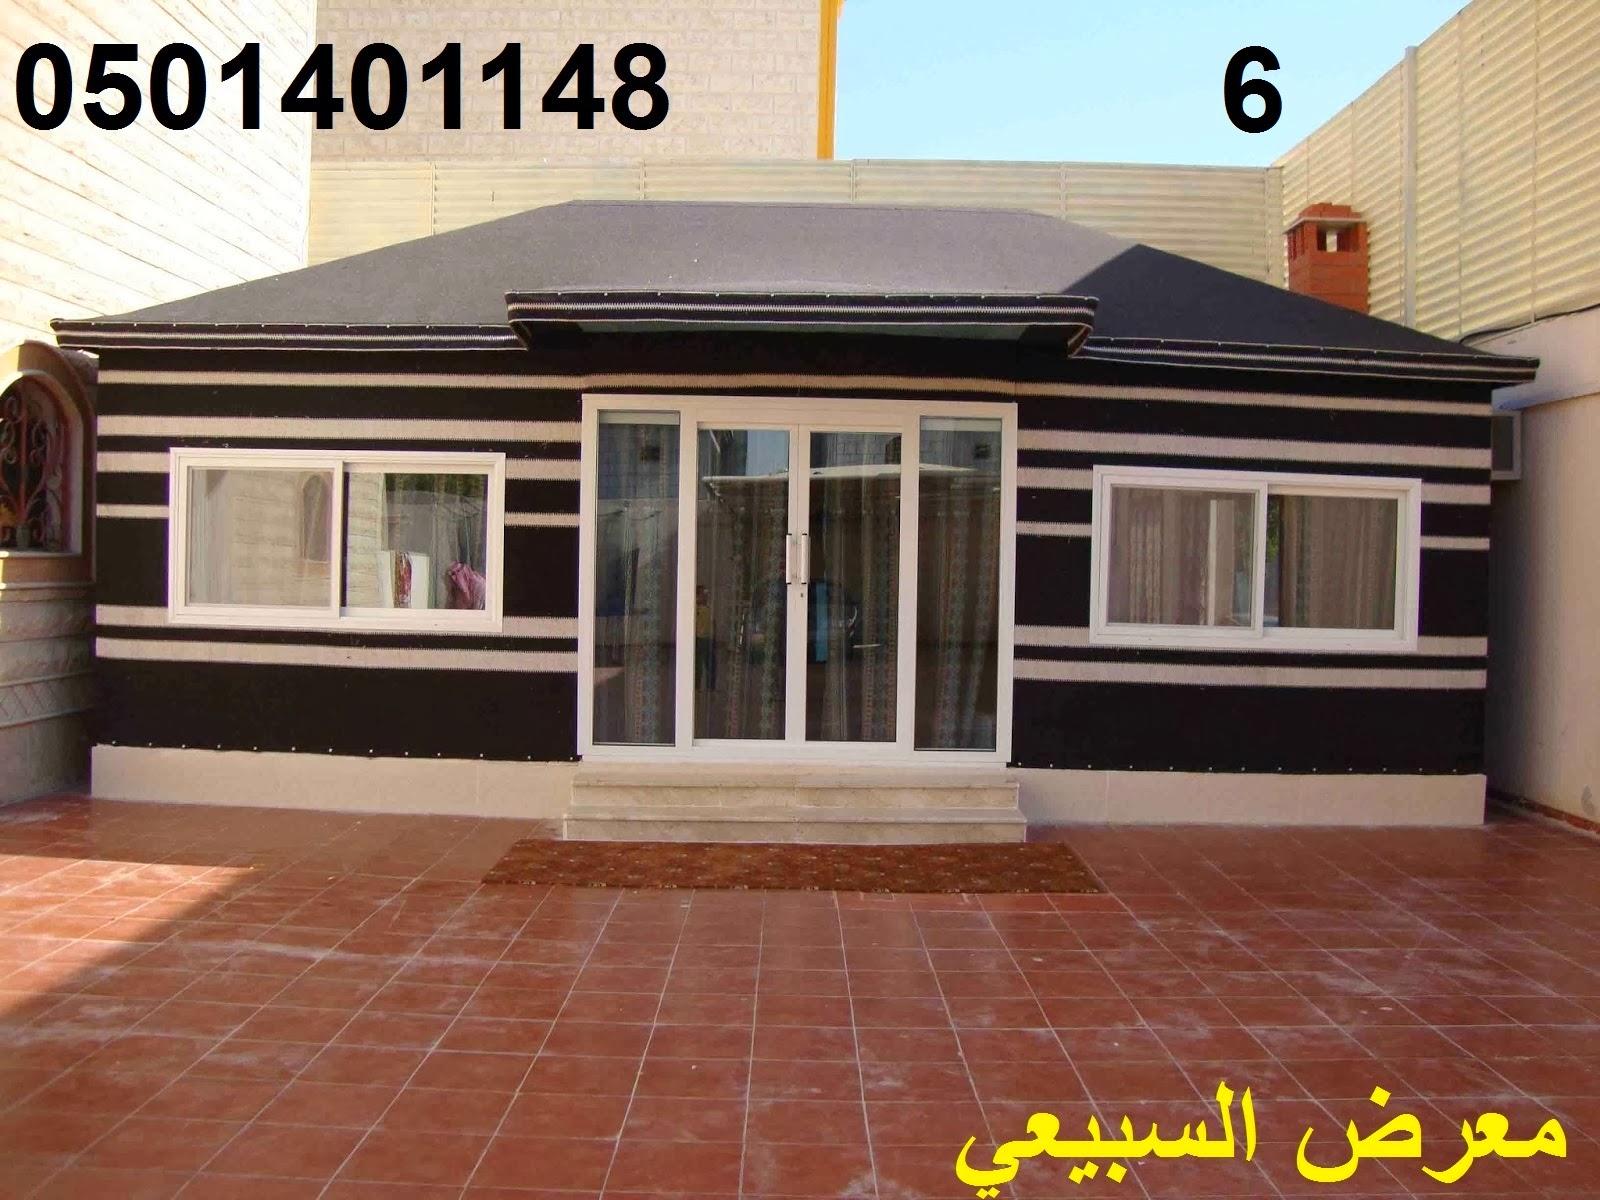 أرقي بيوت شعر مميزه فى السعوديه